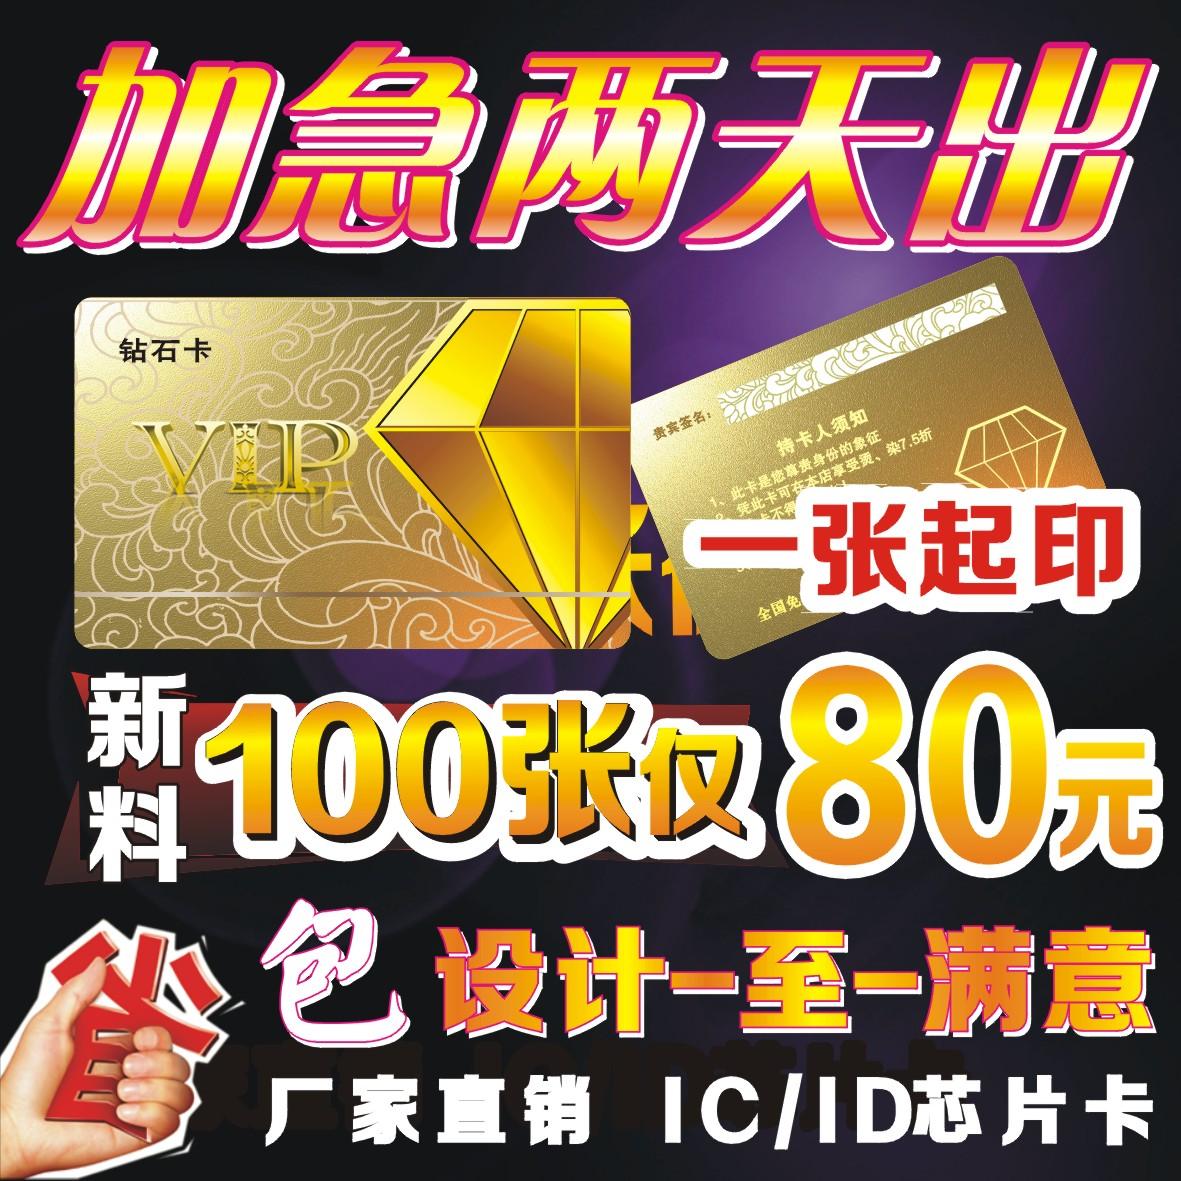 会员卡制作定做VIP卡PVC卡磁条卡卡片印刷定制条码卡100张